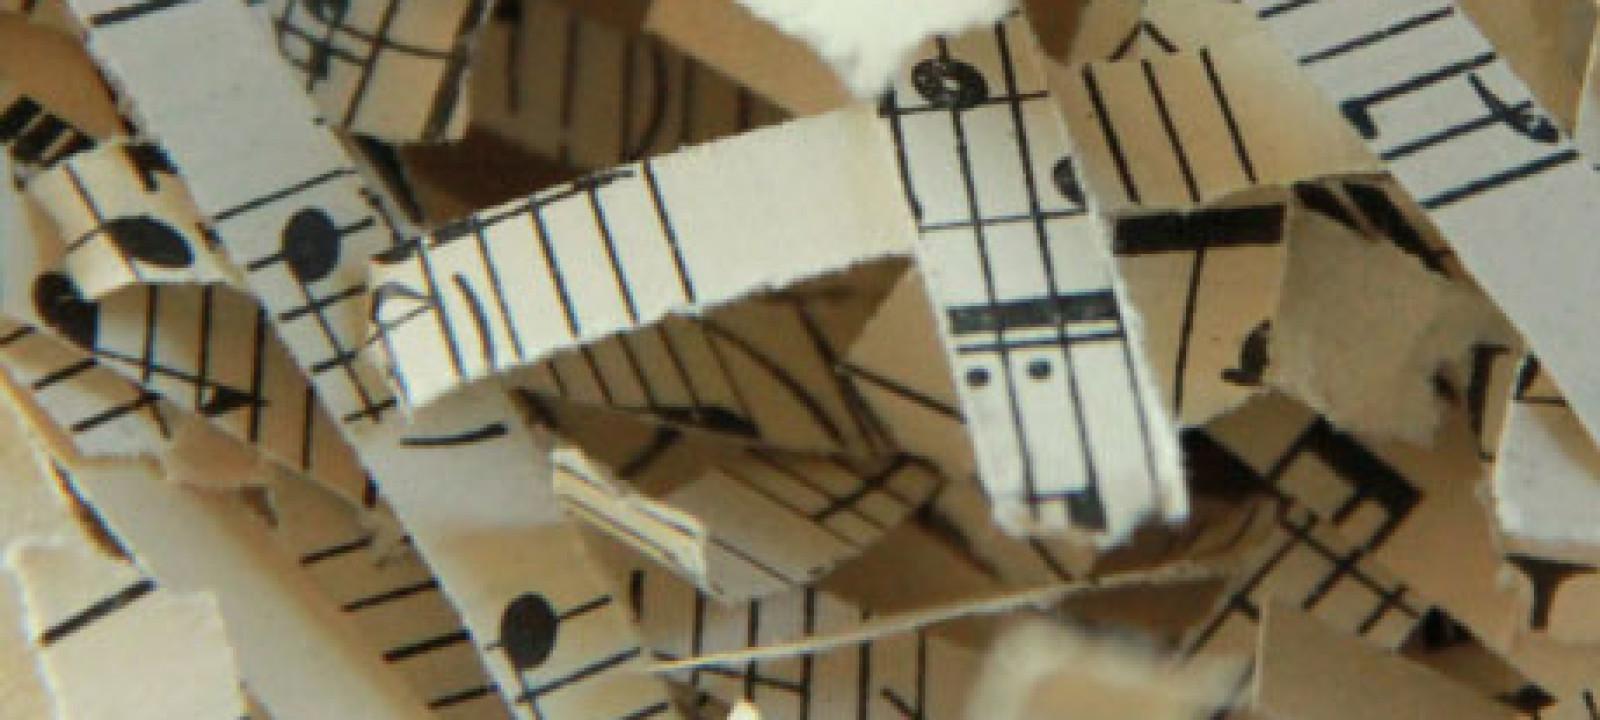 Shredded music